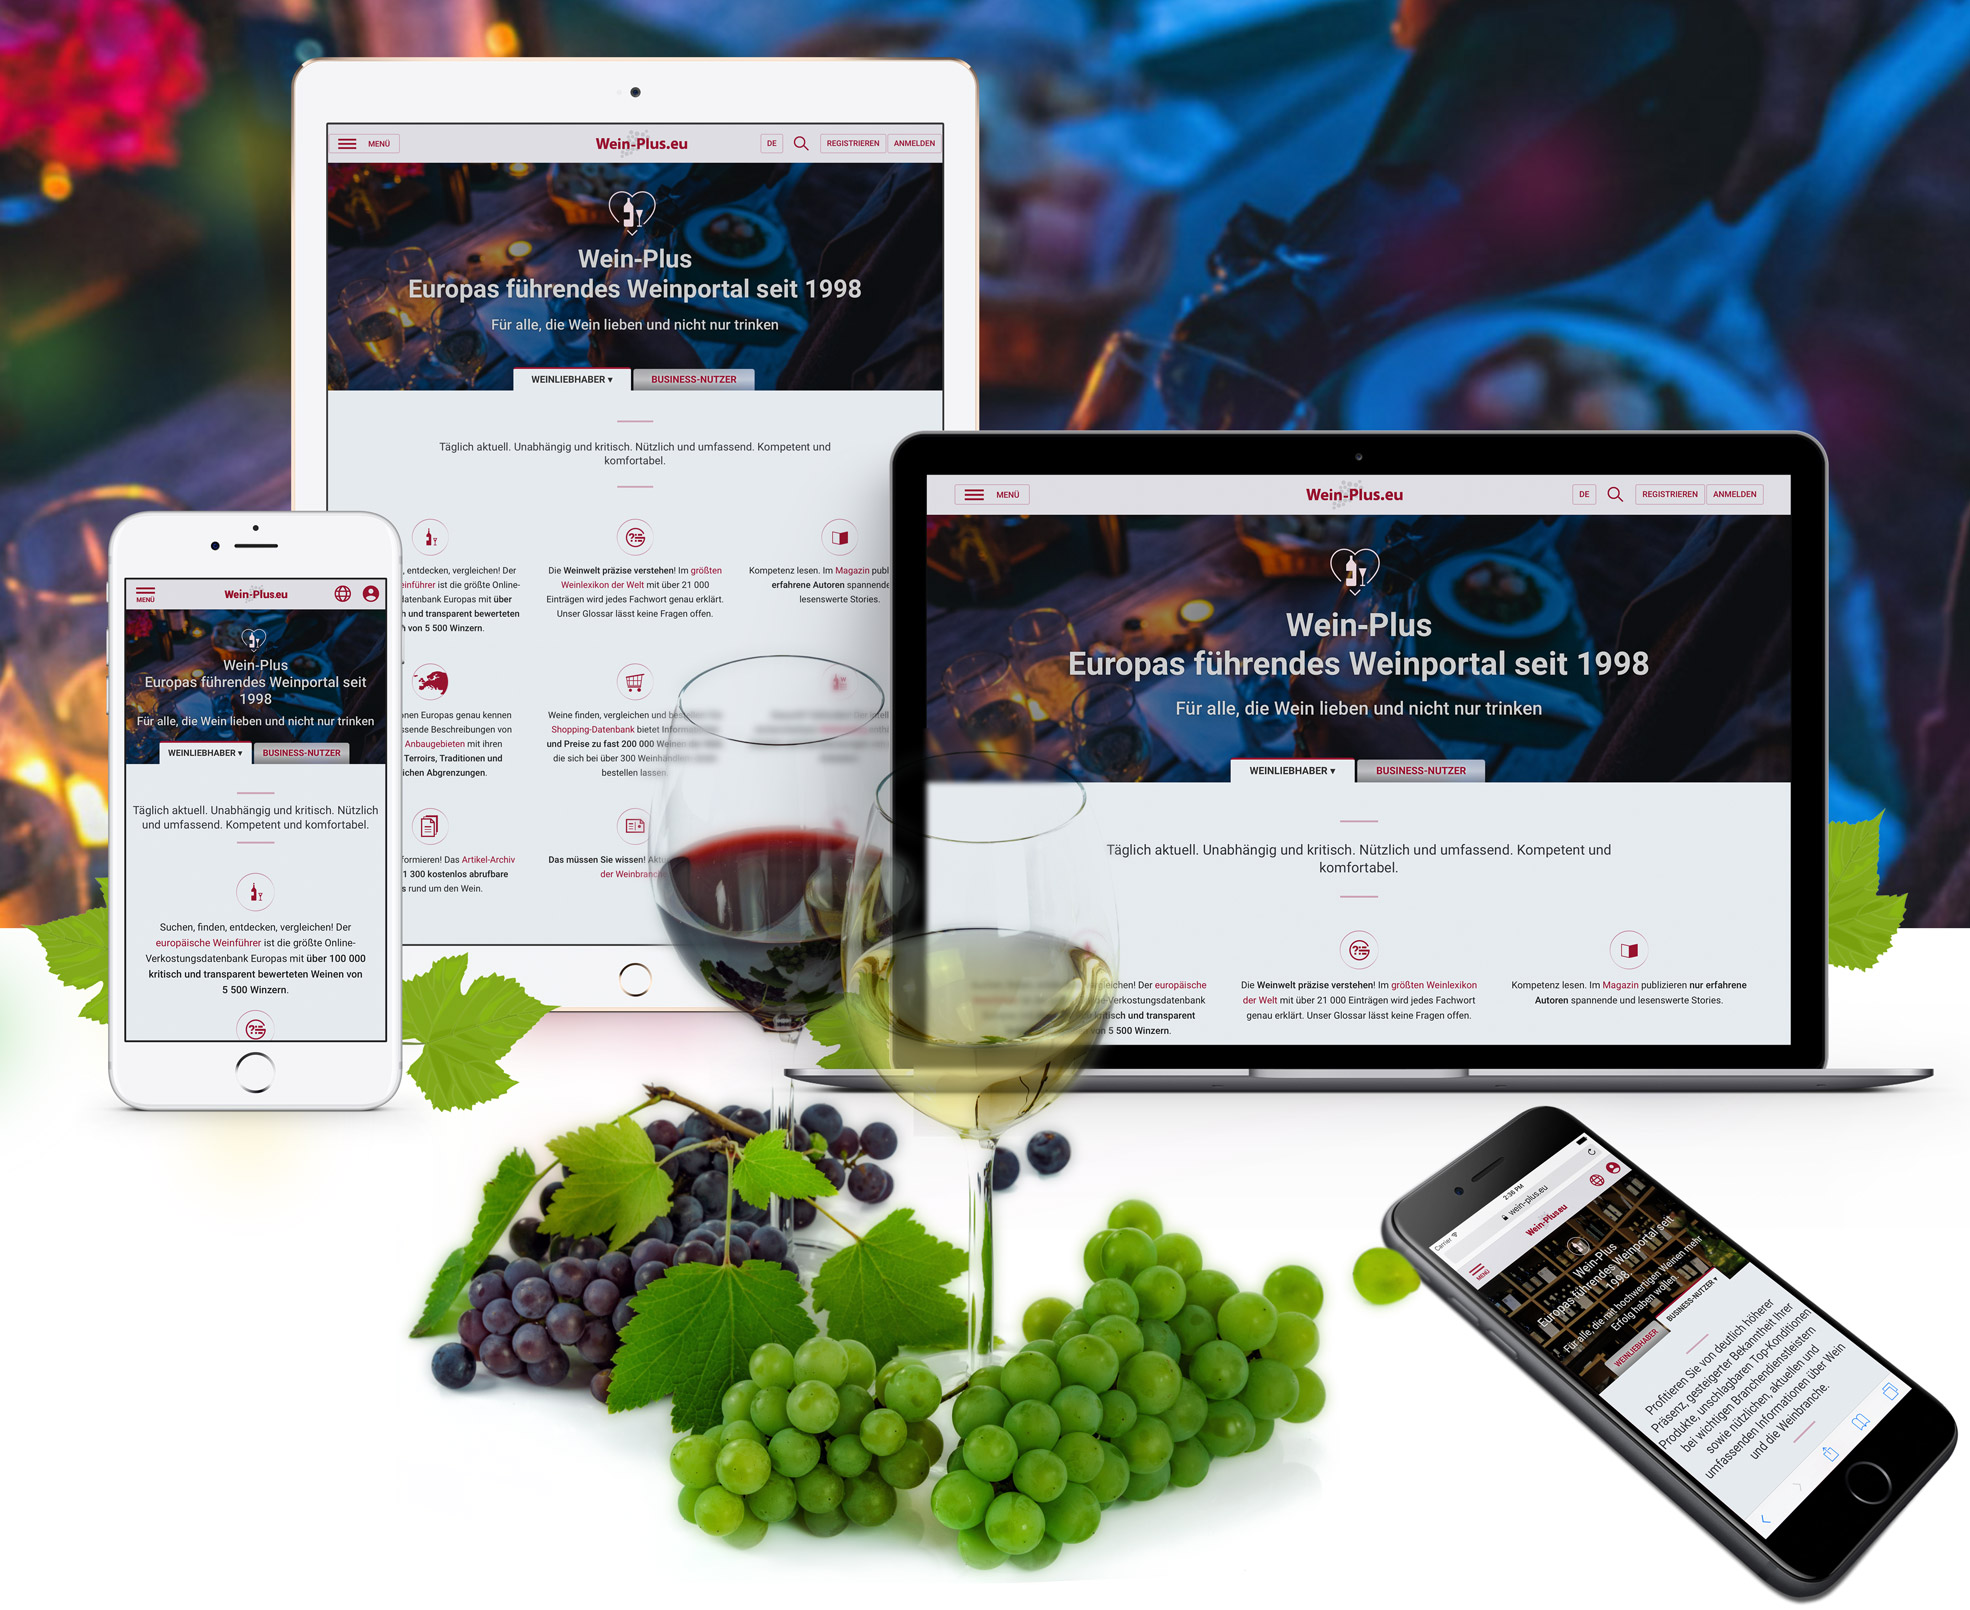 il novo sito Wein-Plus.eu è online fruibile ora su tutti i mobile devices e ovviamente anche su pc normali